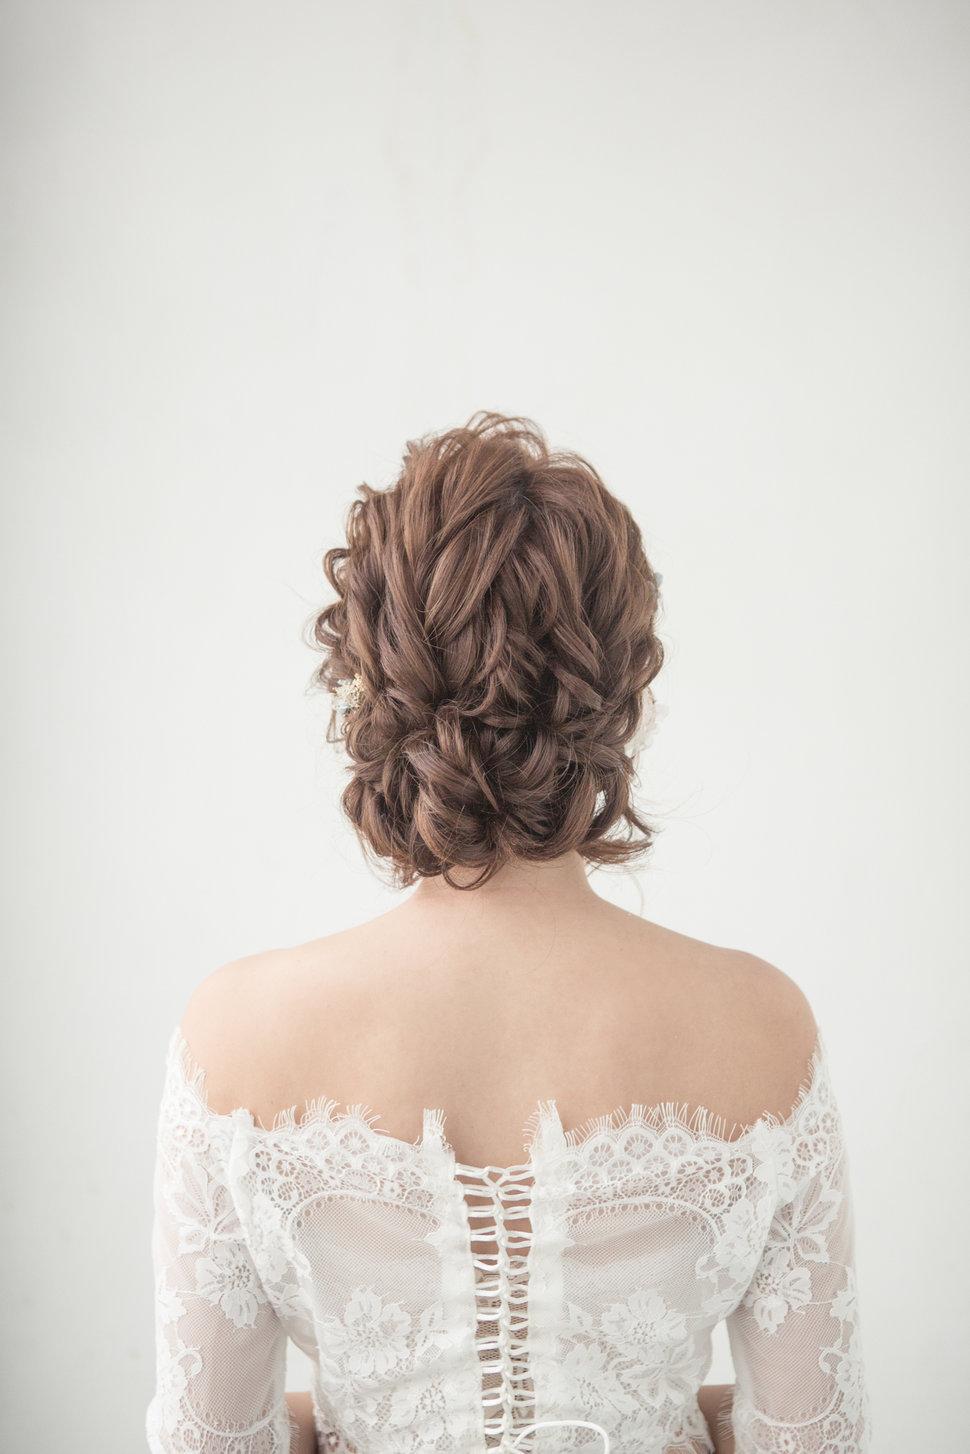 【純真精靈】低髻造型/純淨妝感-14 - iling彩妝造型 - 結婚吧